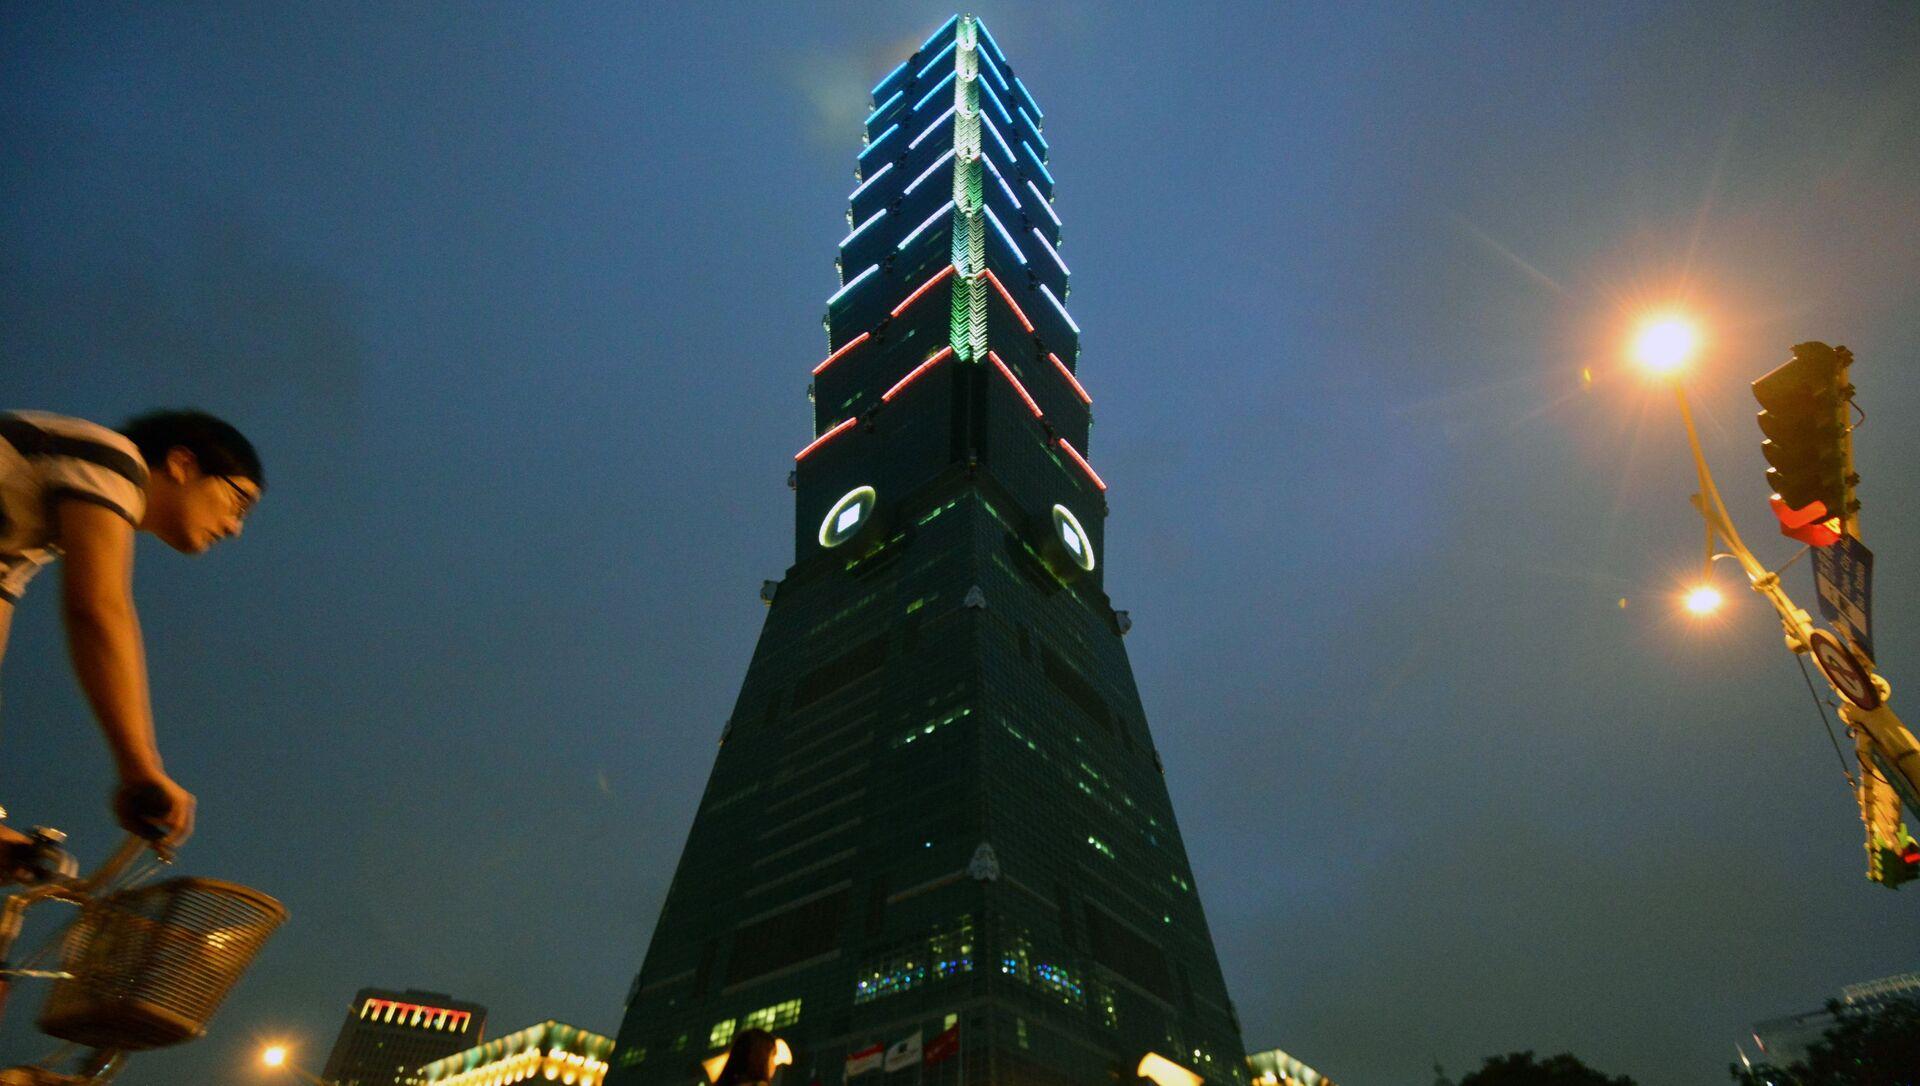 Wieżowiec Taipei 101 w Tajpej na Tajwanie - Sputnik Polska, 1920, 19.06.2021